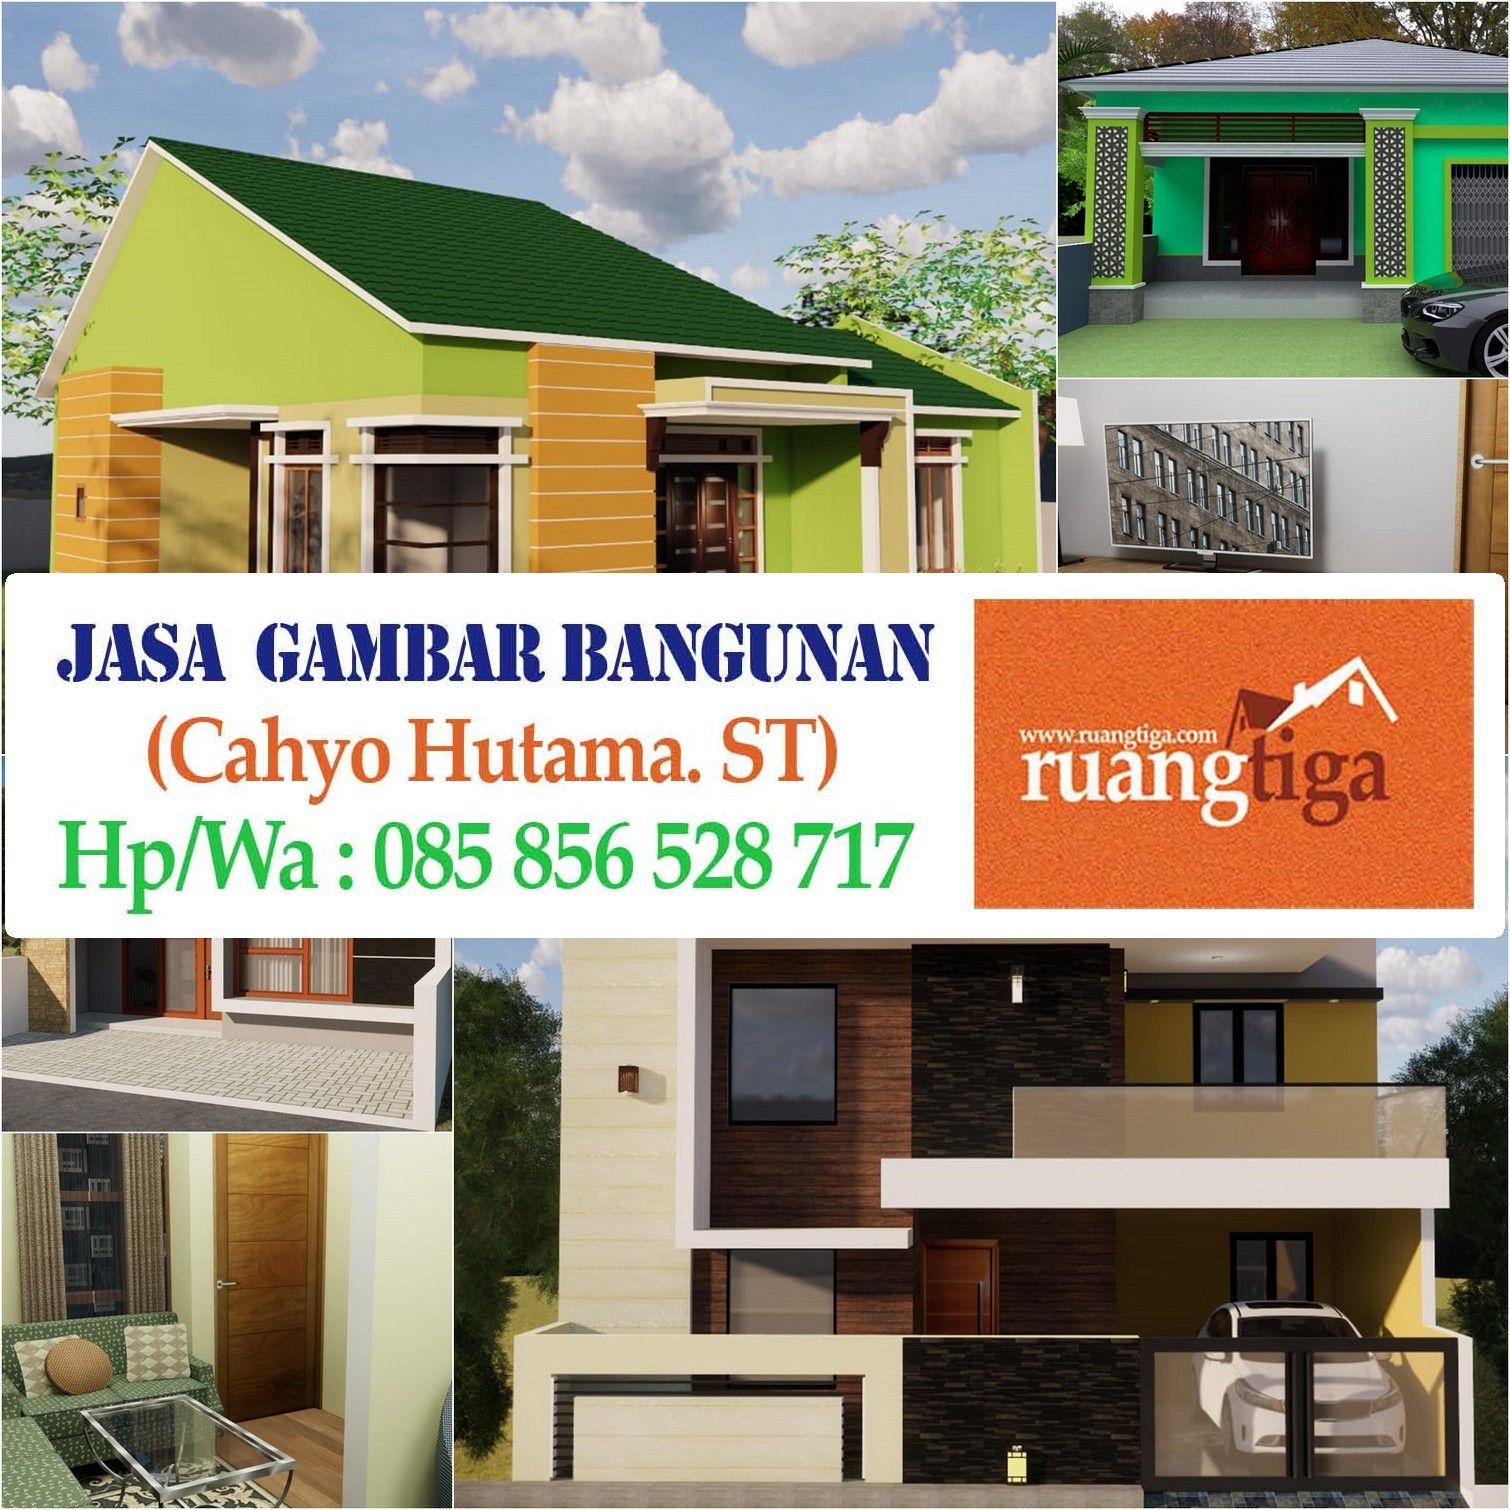 085856528717 Jasa Gambar Rumah Denpasar Jasa Desain Rumah Mewah Terbaik Jasa Desain Exterior R Di 2020 Rumah Mewah Desain Eksterior Desain Rumah